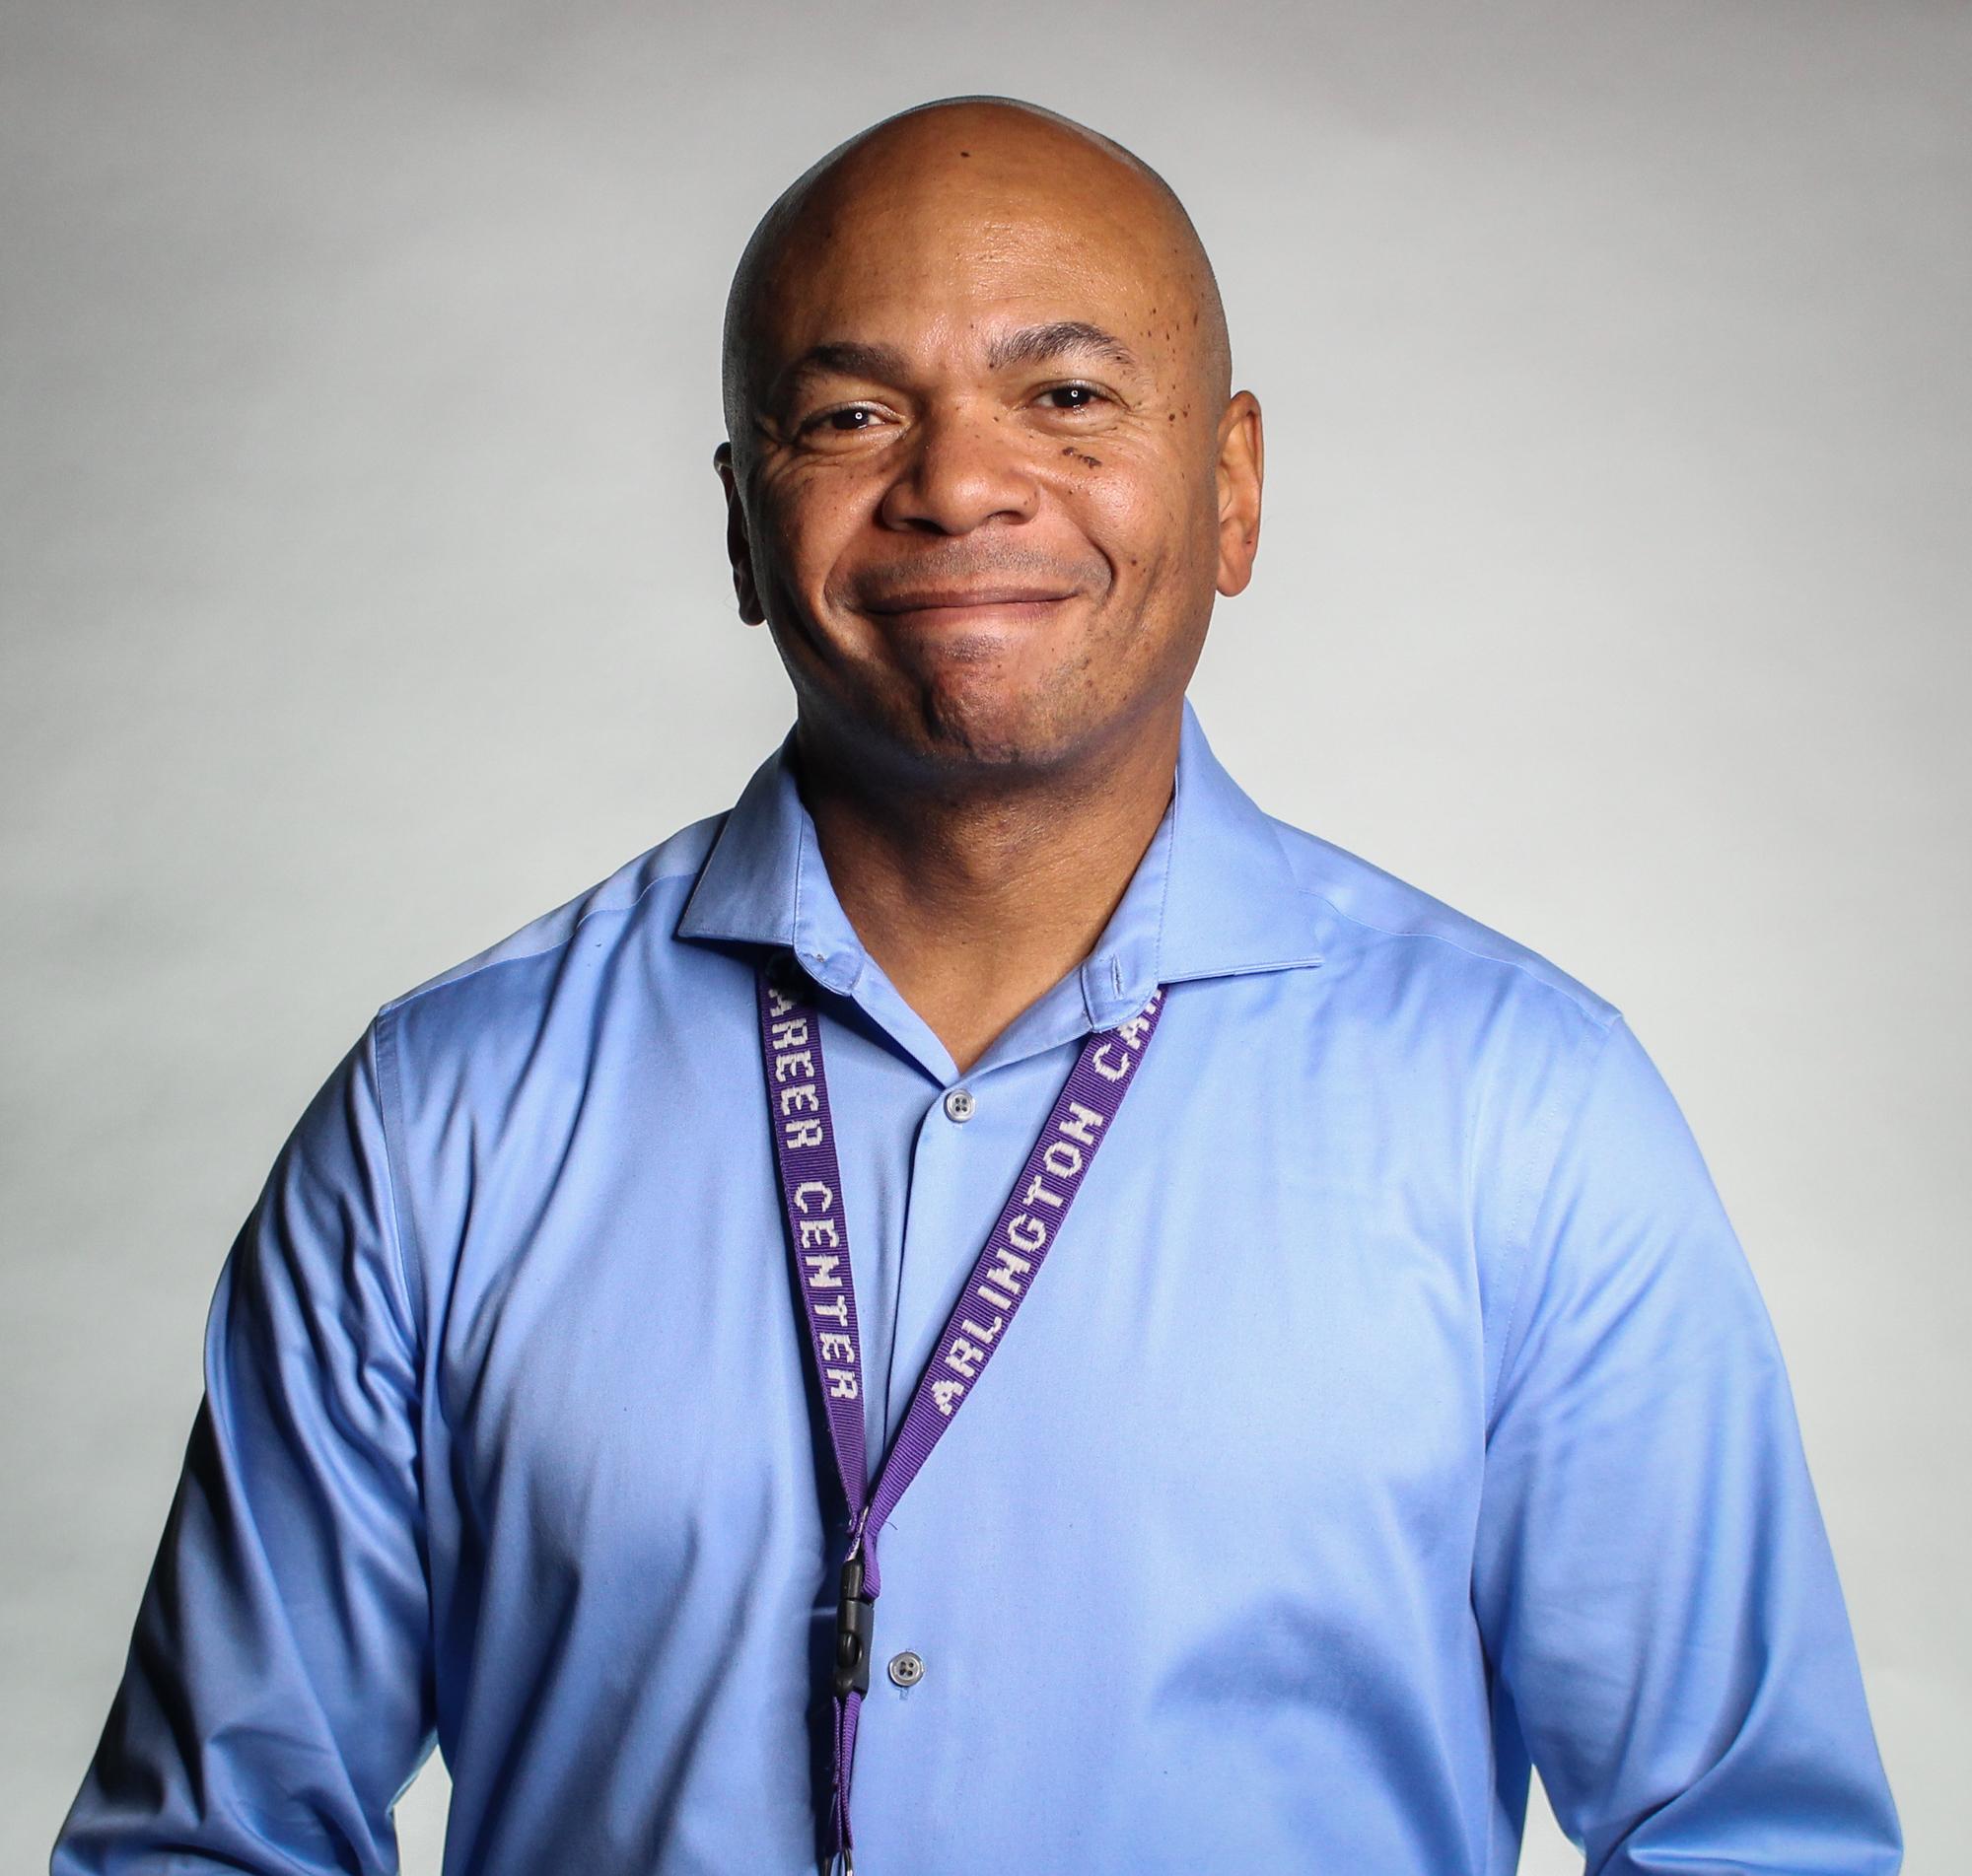 Mr. Tony Frazier